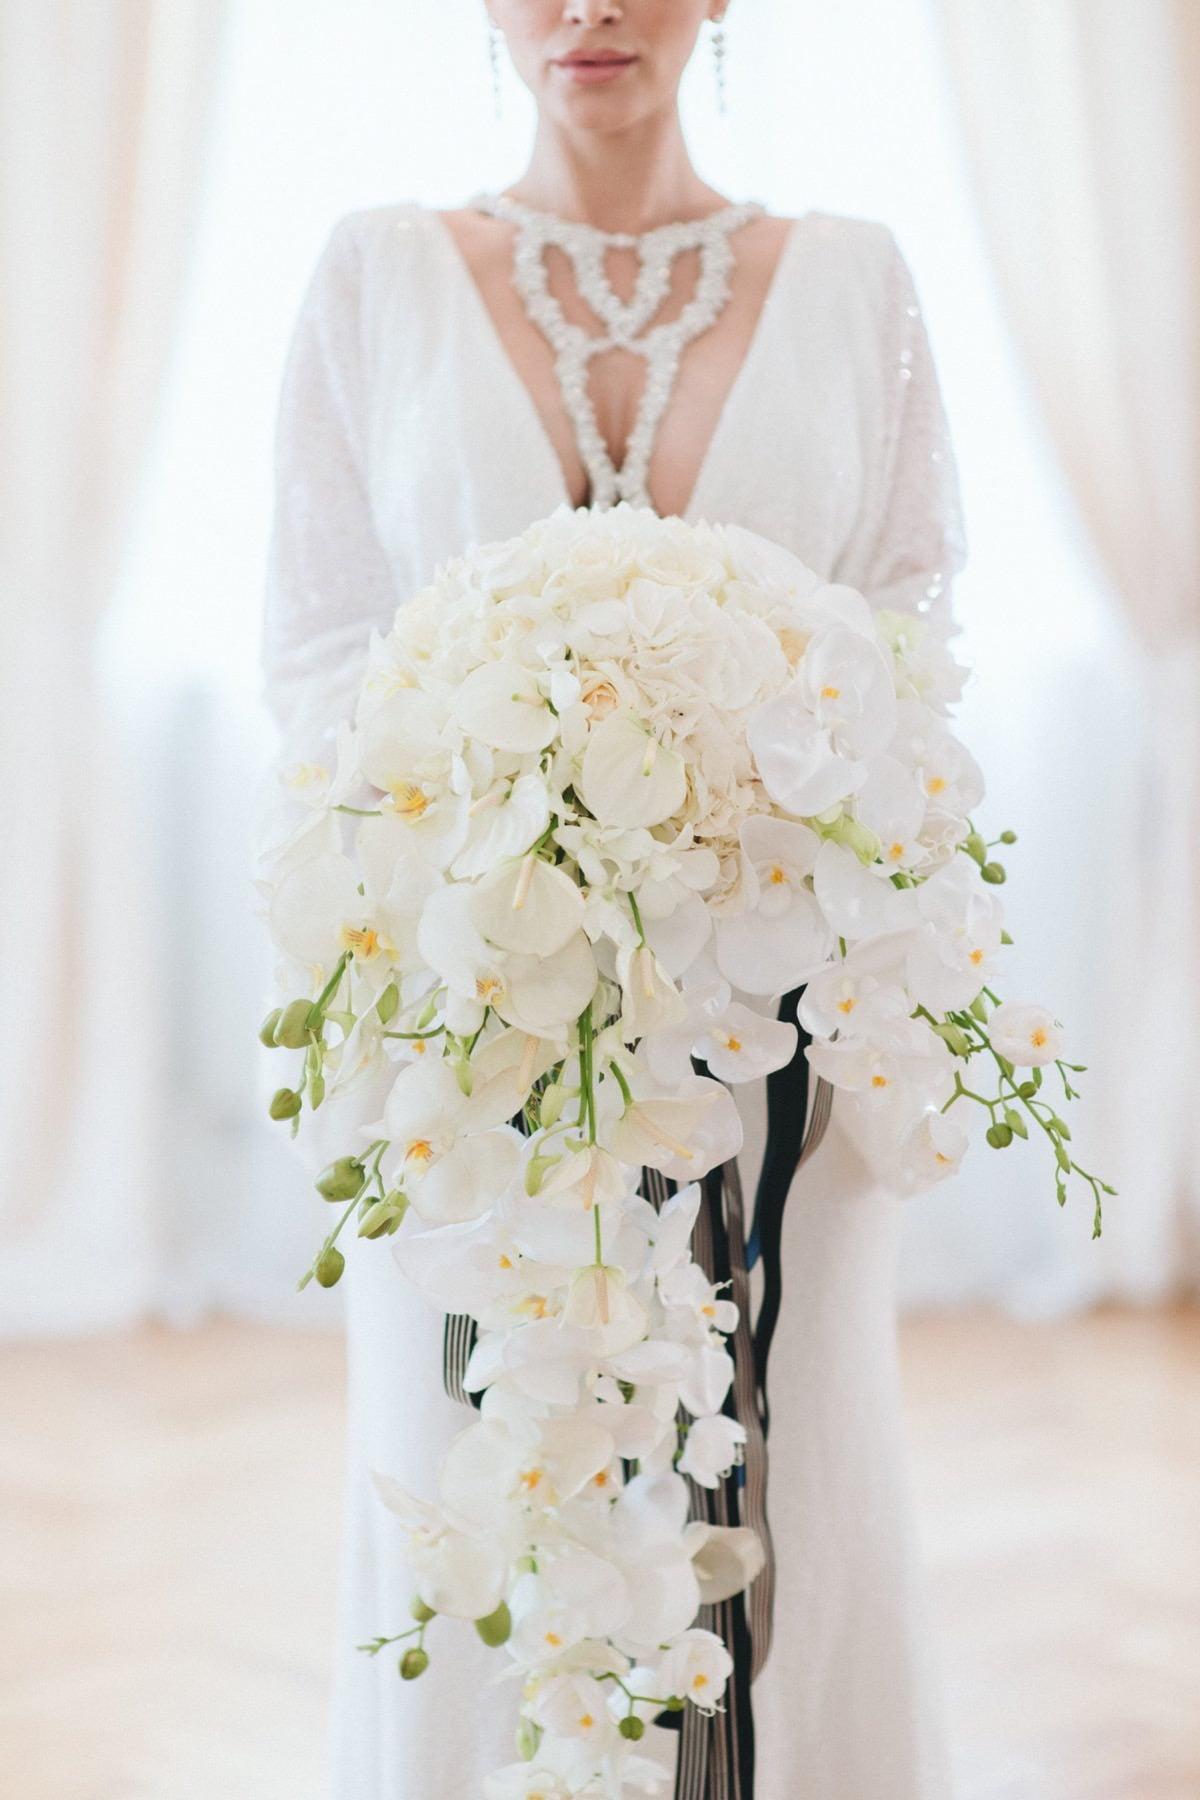 bukiet ślubny, storczyki na ślubie